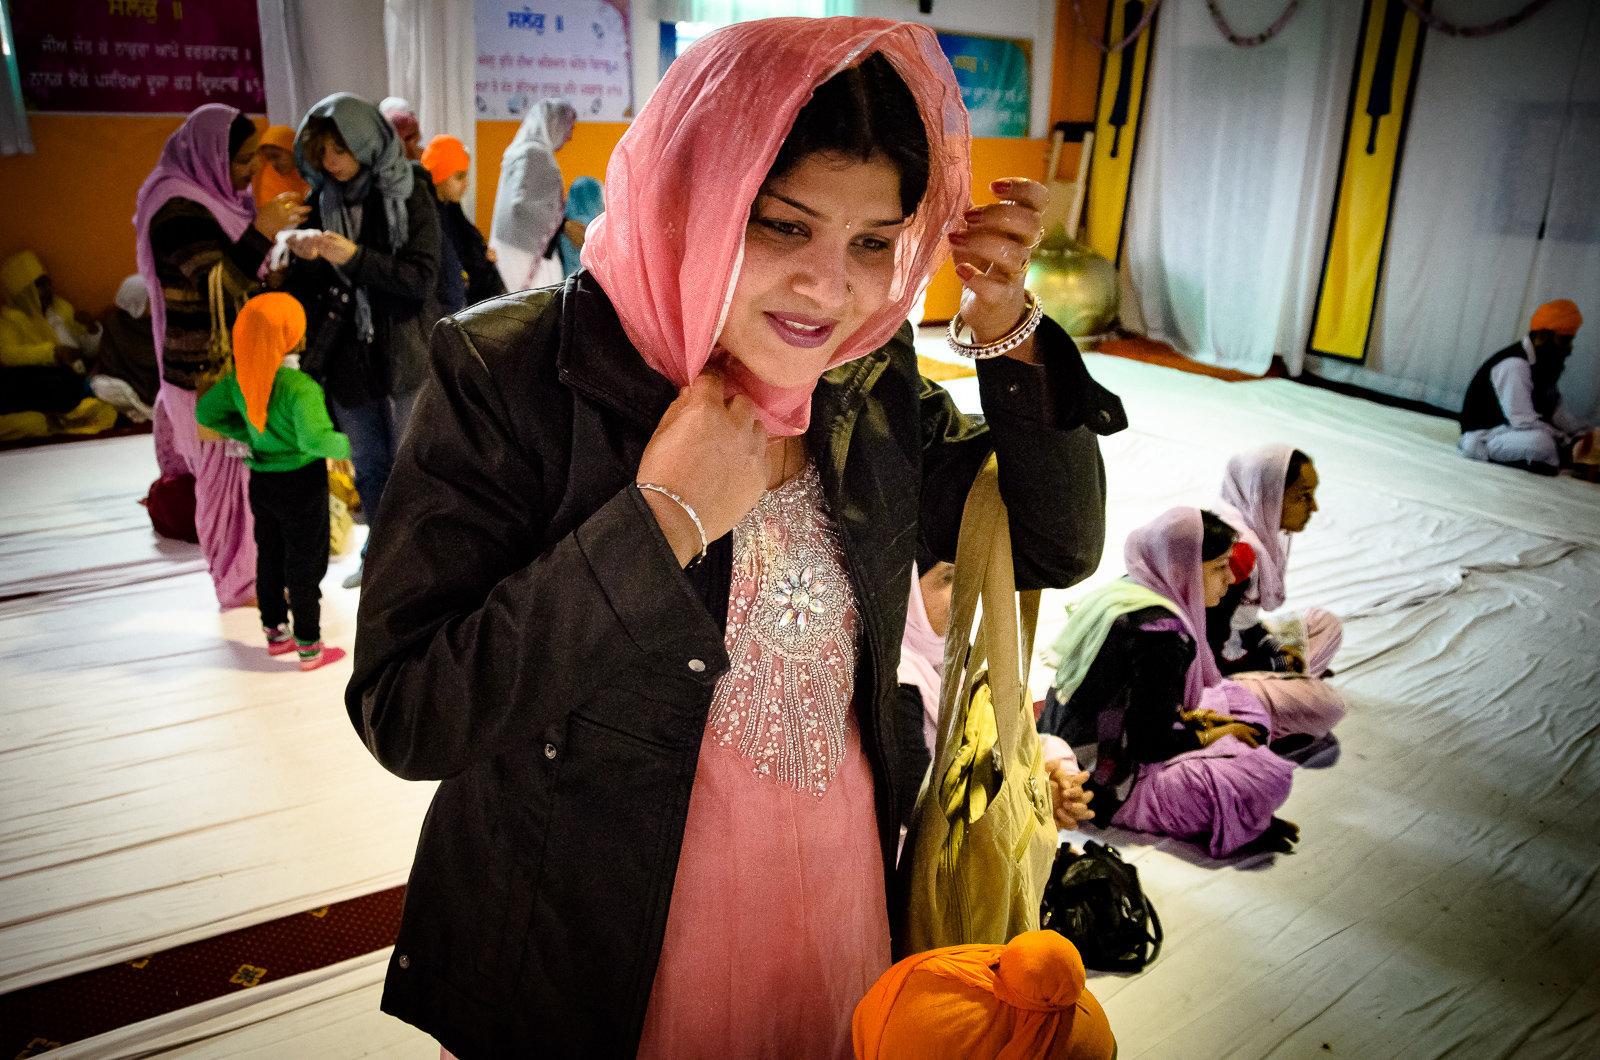 0005_20120414_Sikh_0851.jpg